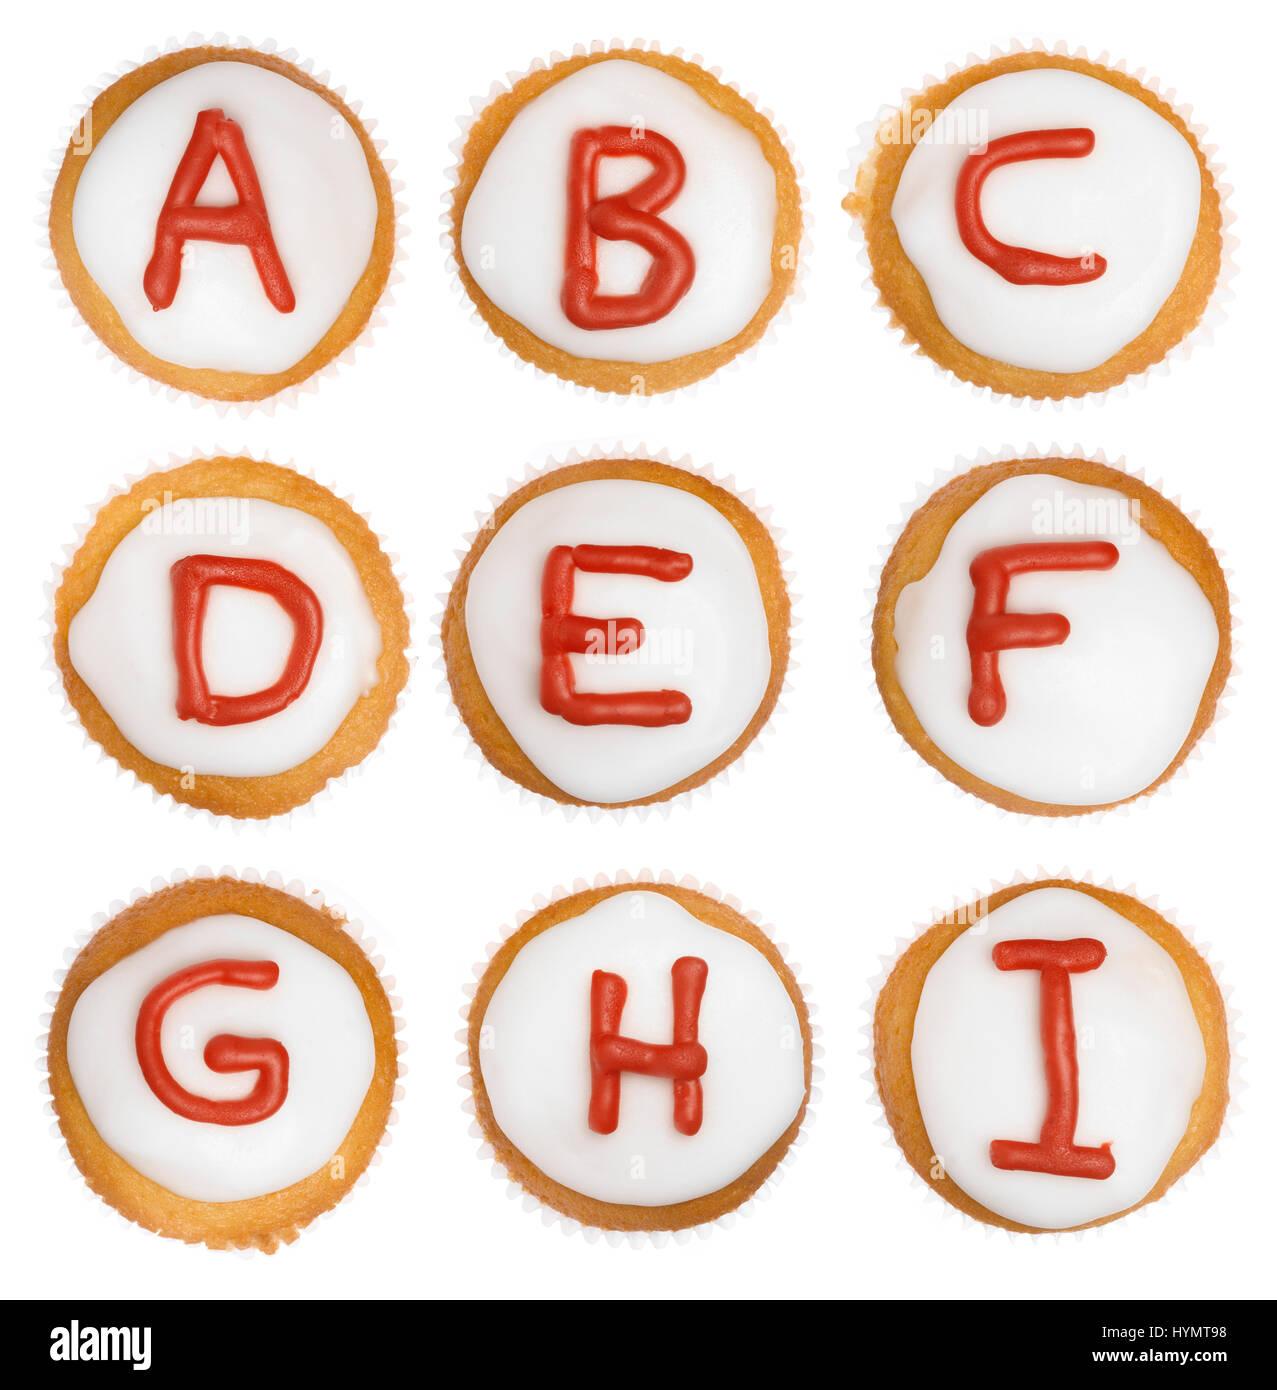 Isolierte Cupcake-Alphabet von A bis I Stockfoto